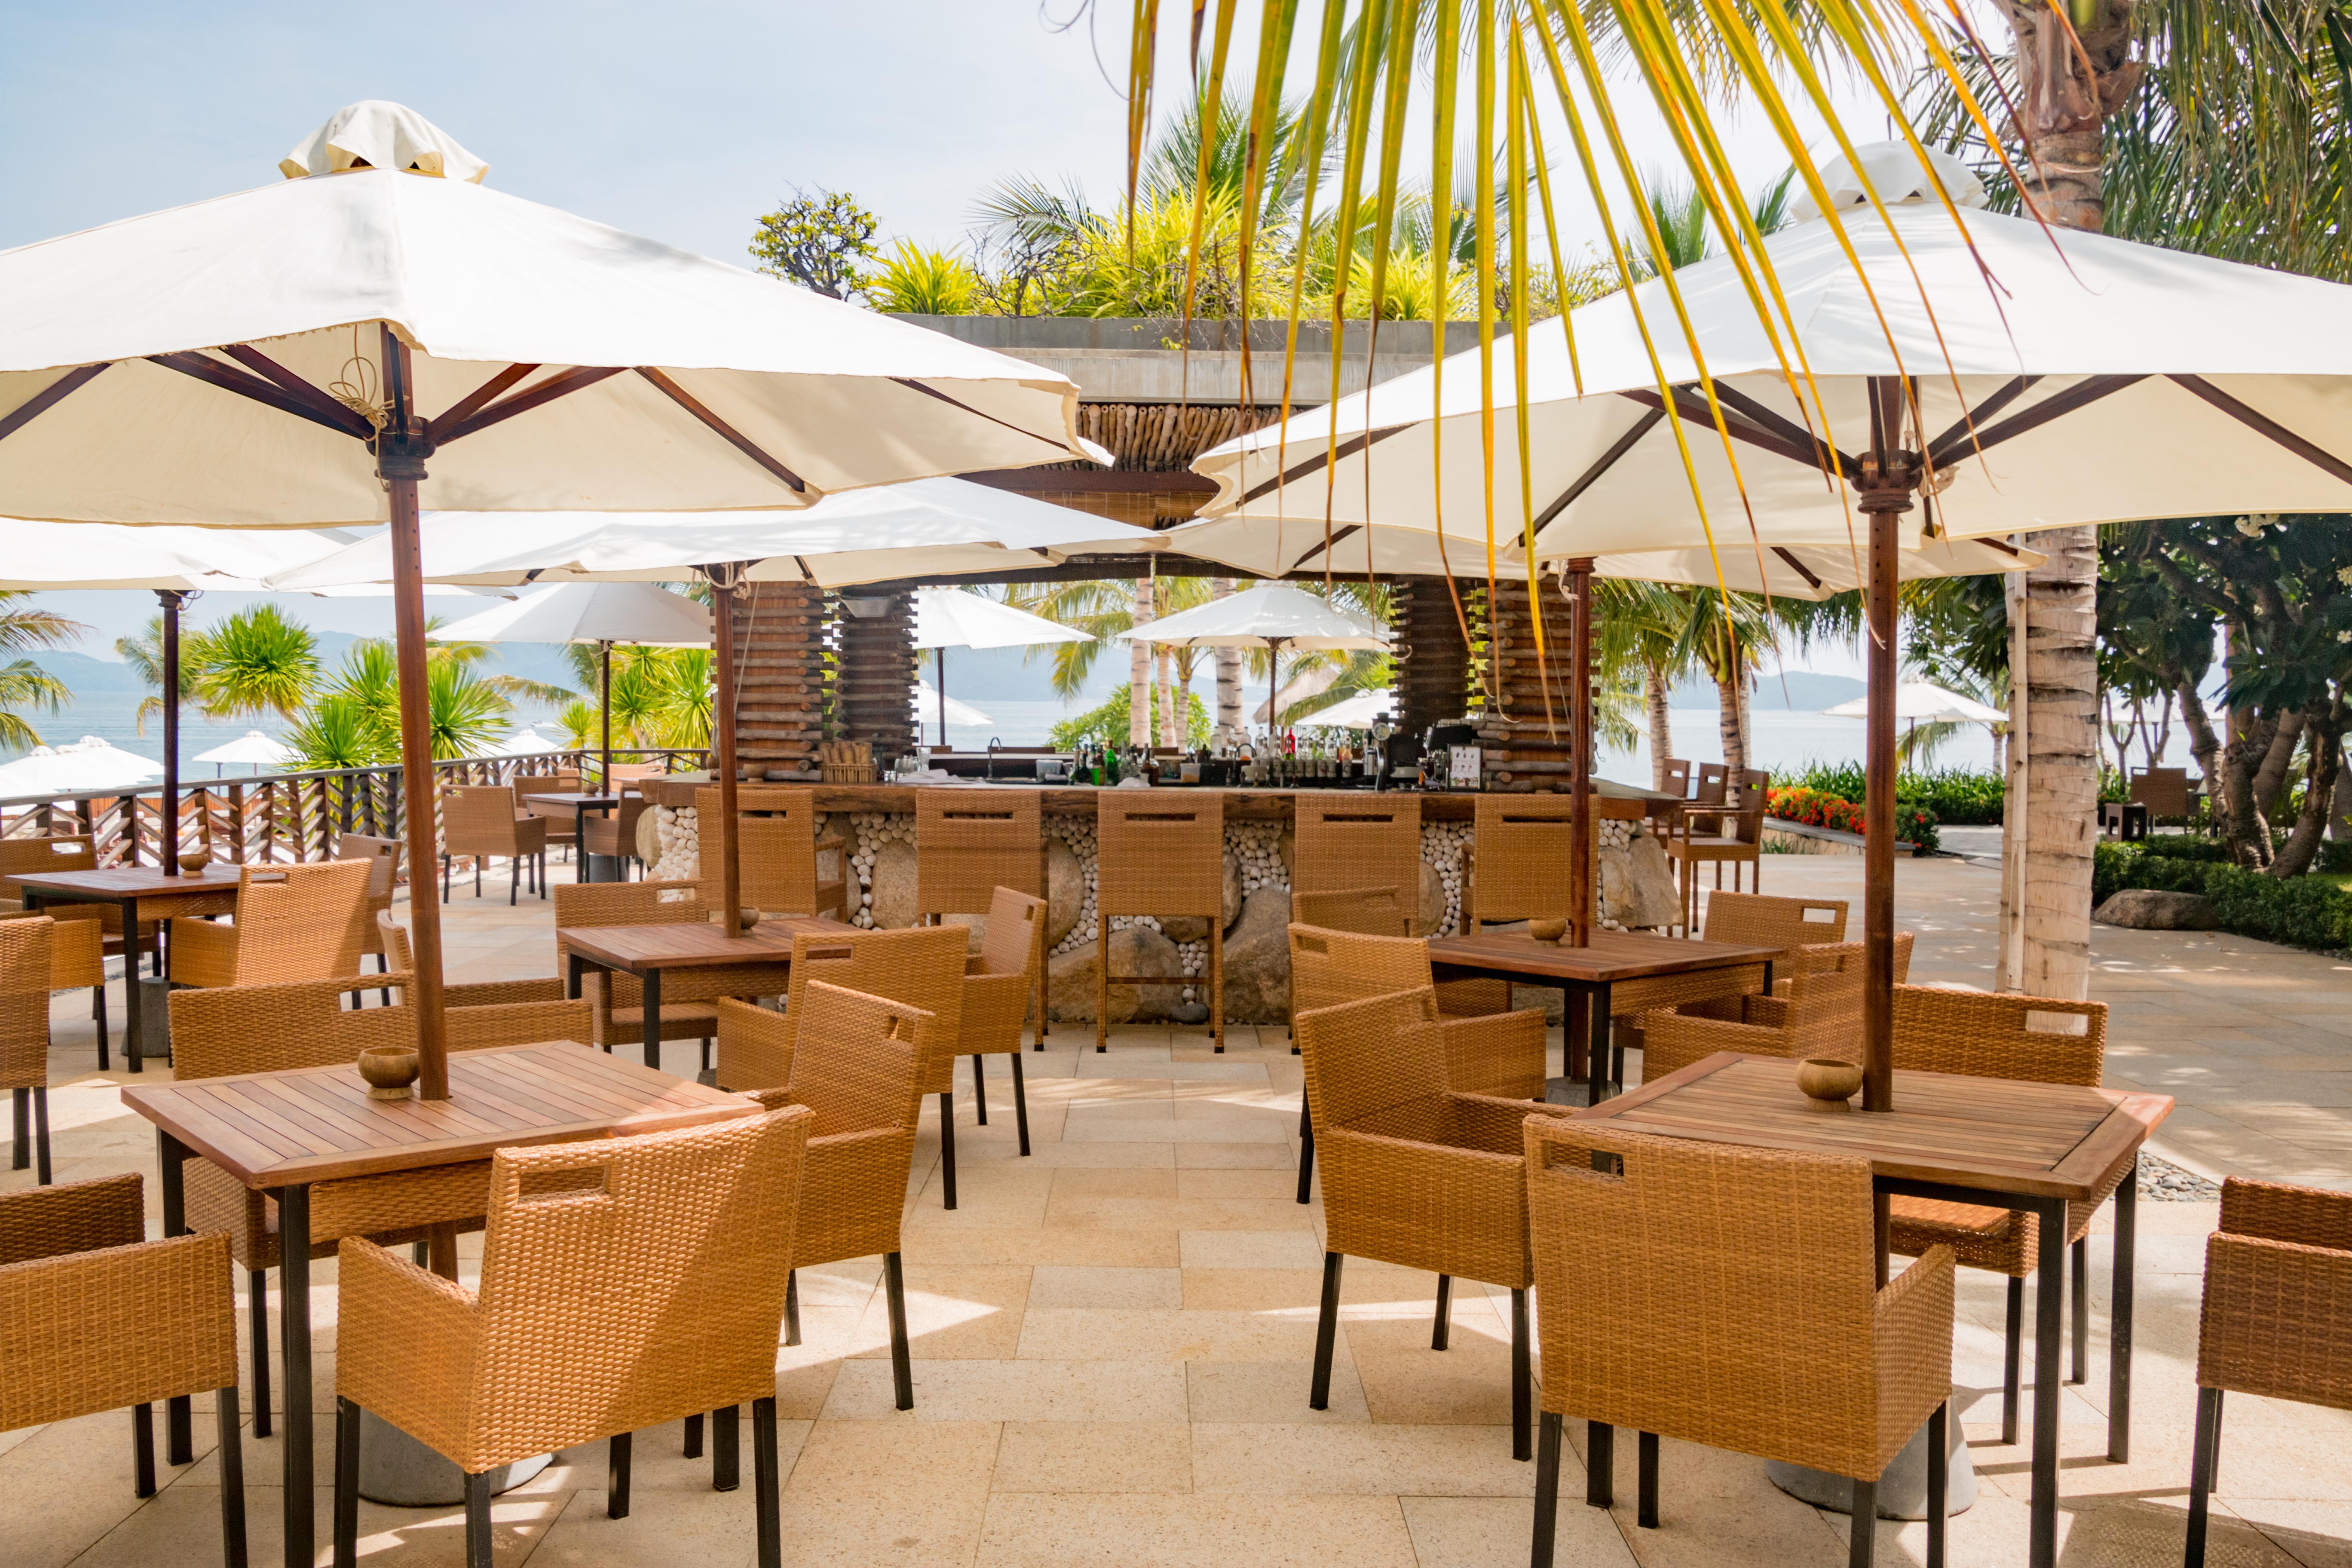 Recomendaciones para afrontar la reapertura de bares y restaurantes: clientes y hosteleros.